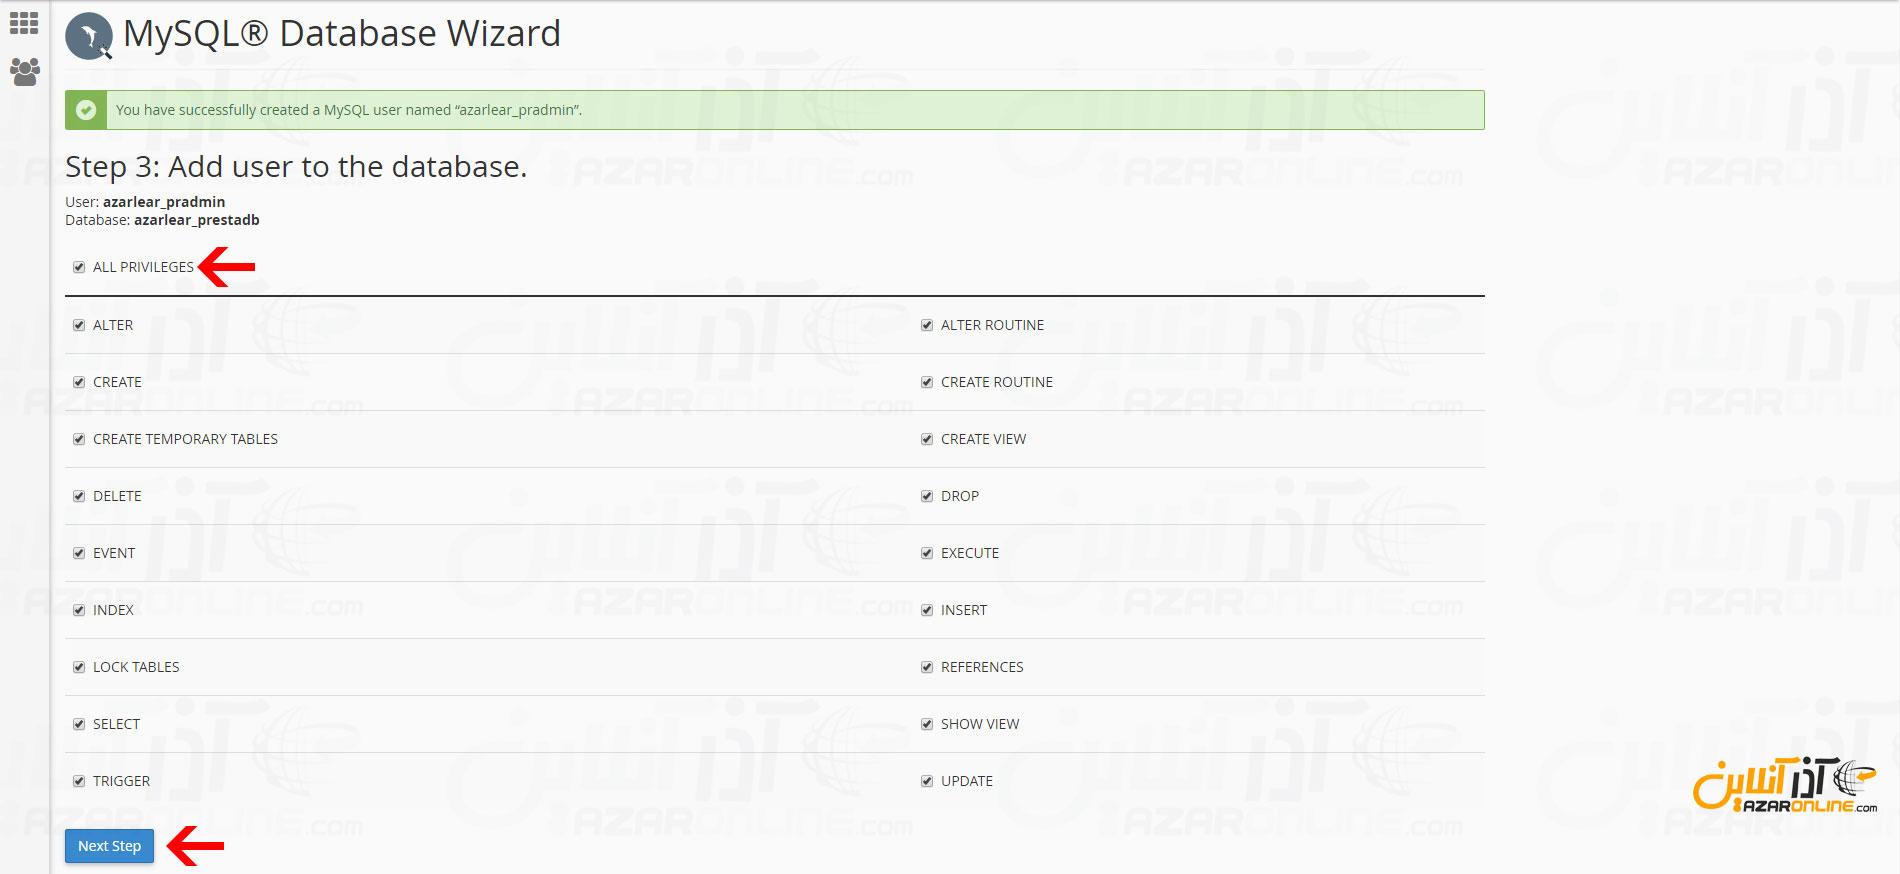 دسترسی یوزر ساخته شده به دستابیس و انتخاب all privileges